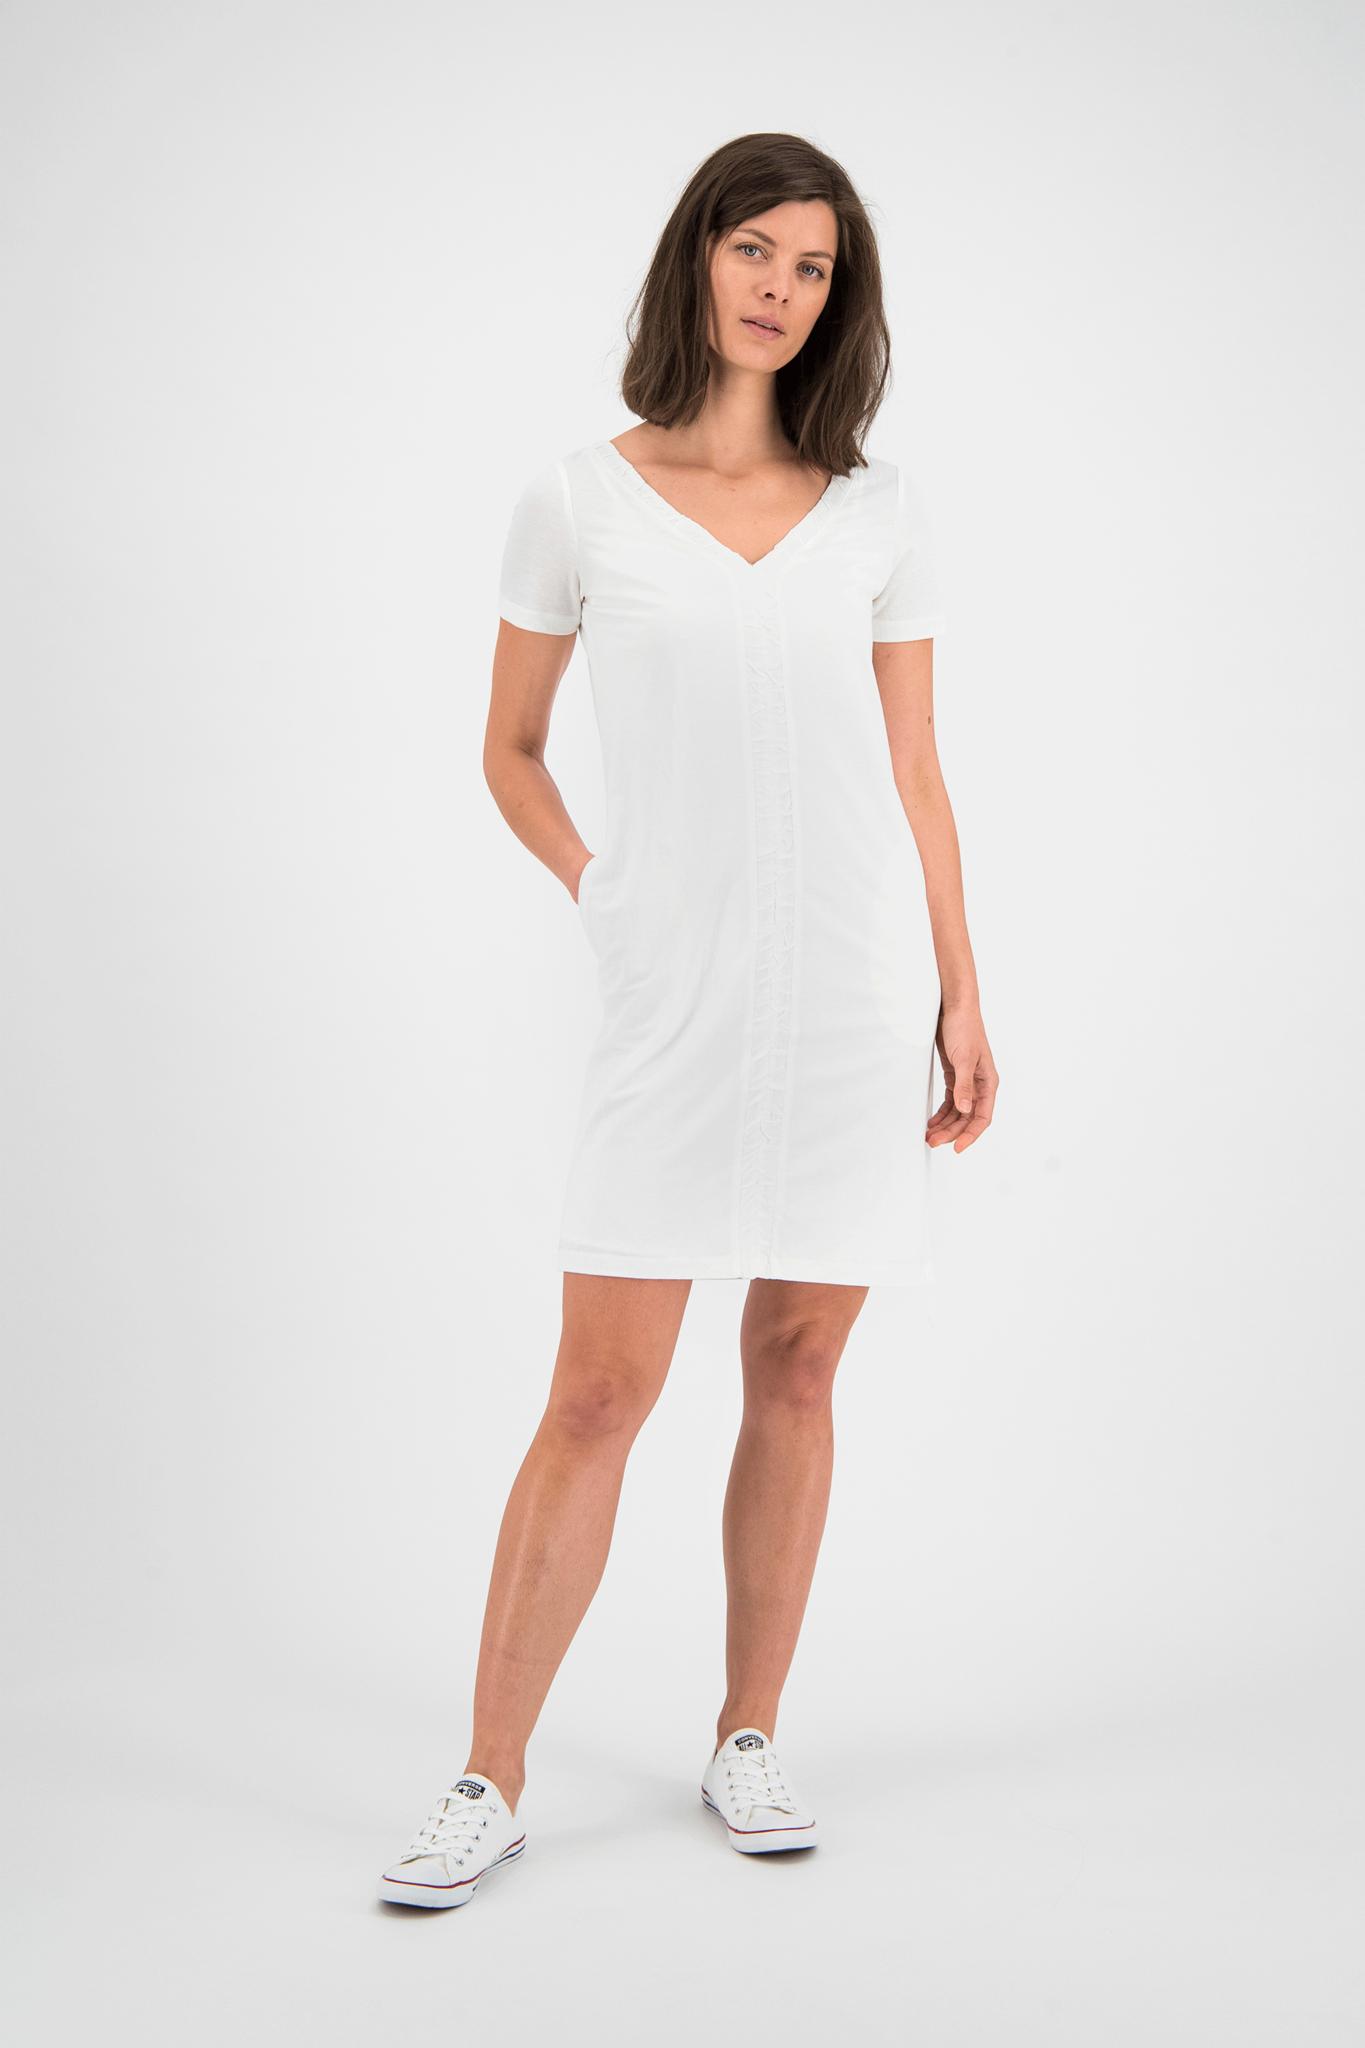 SYLVER Crêpe Stretch Dress Ruffle - Off white